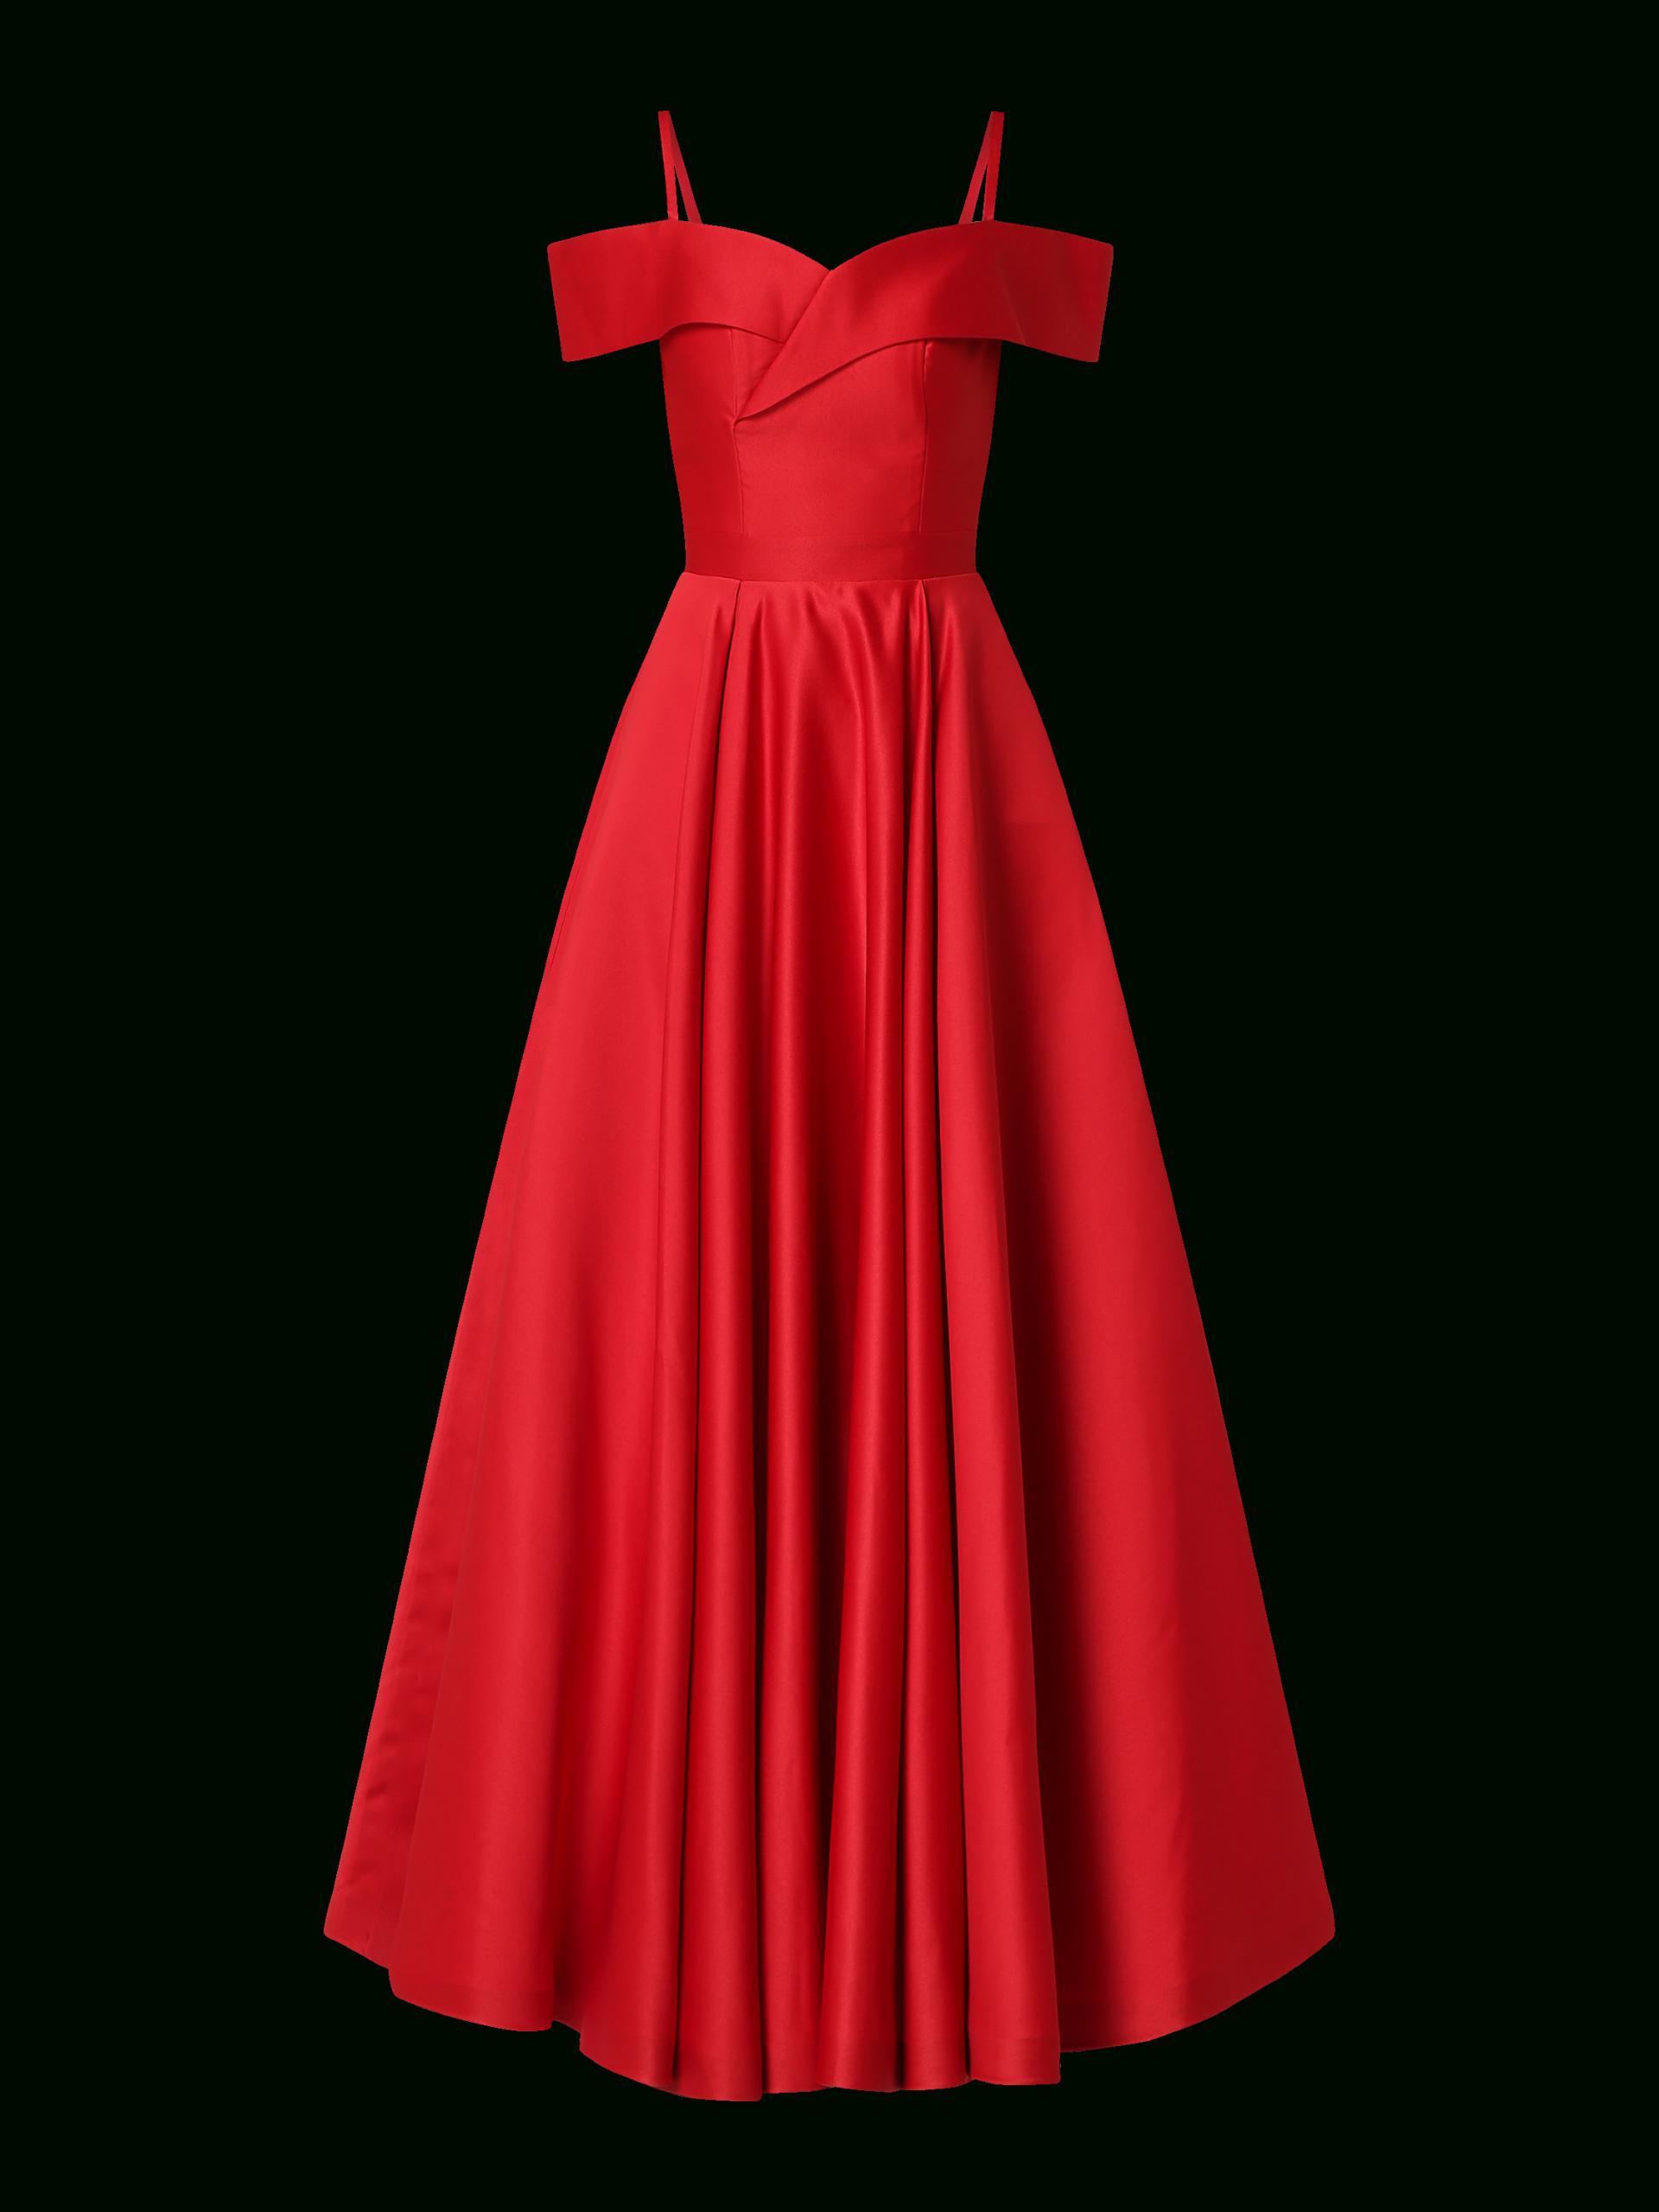 20 Wunderbar Troyden Abendkleid Design13 Schön Troyden Abendkleid Stylish